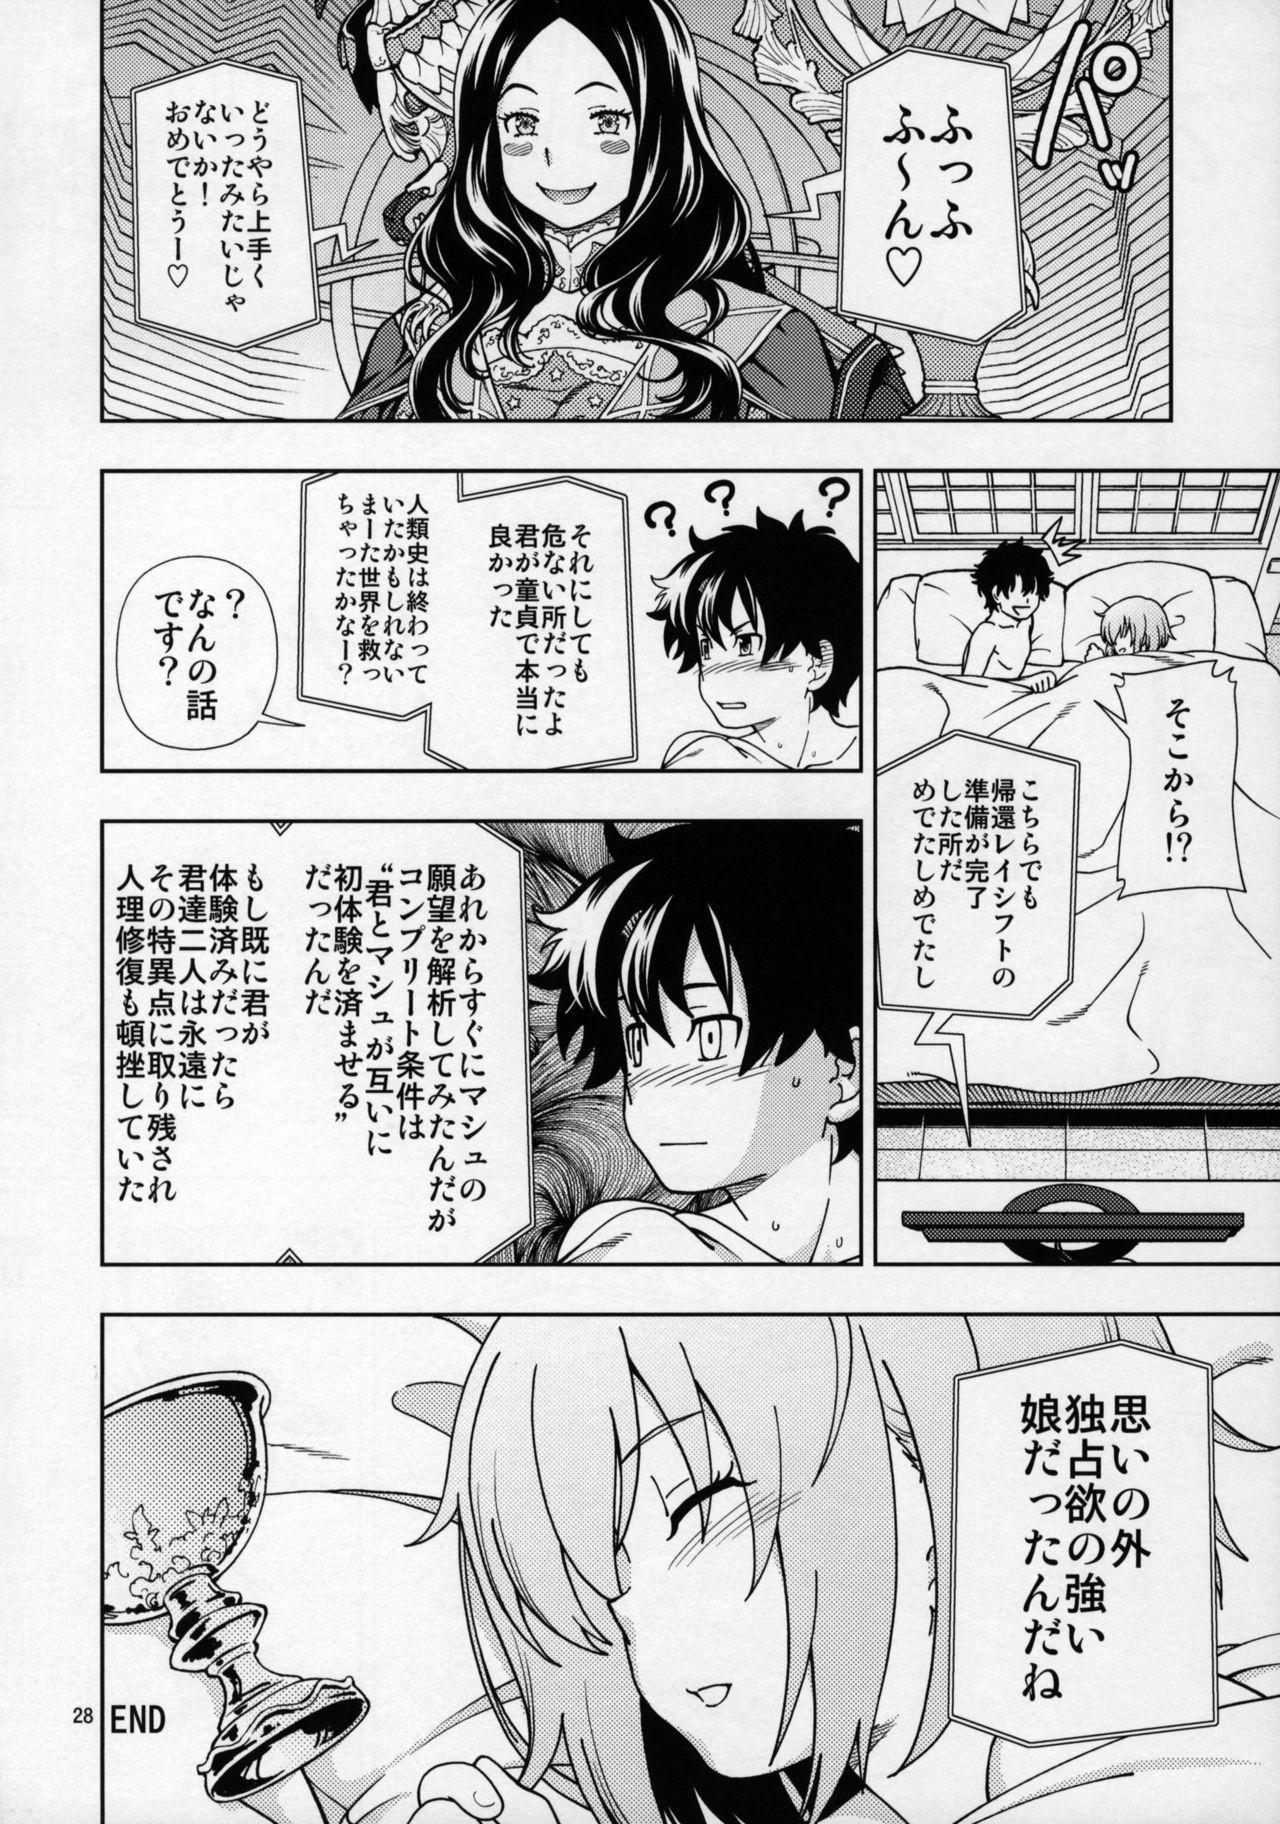 Shoujo Tokuiten 25